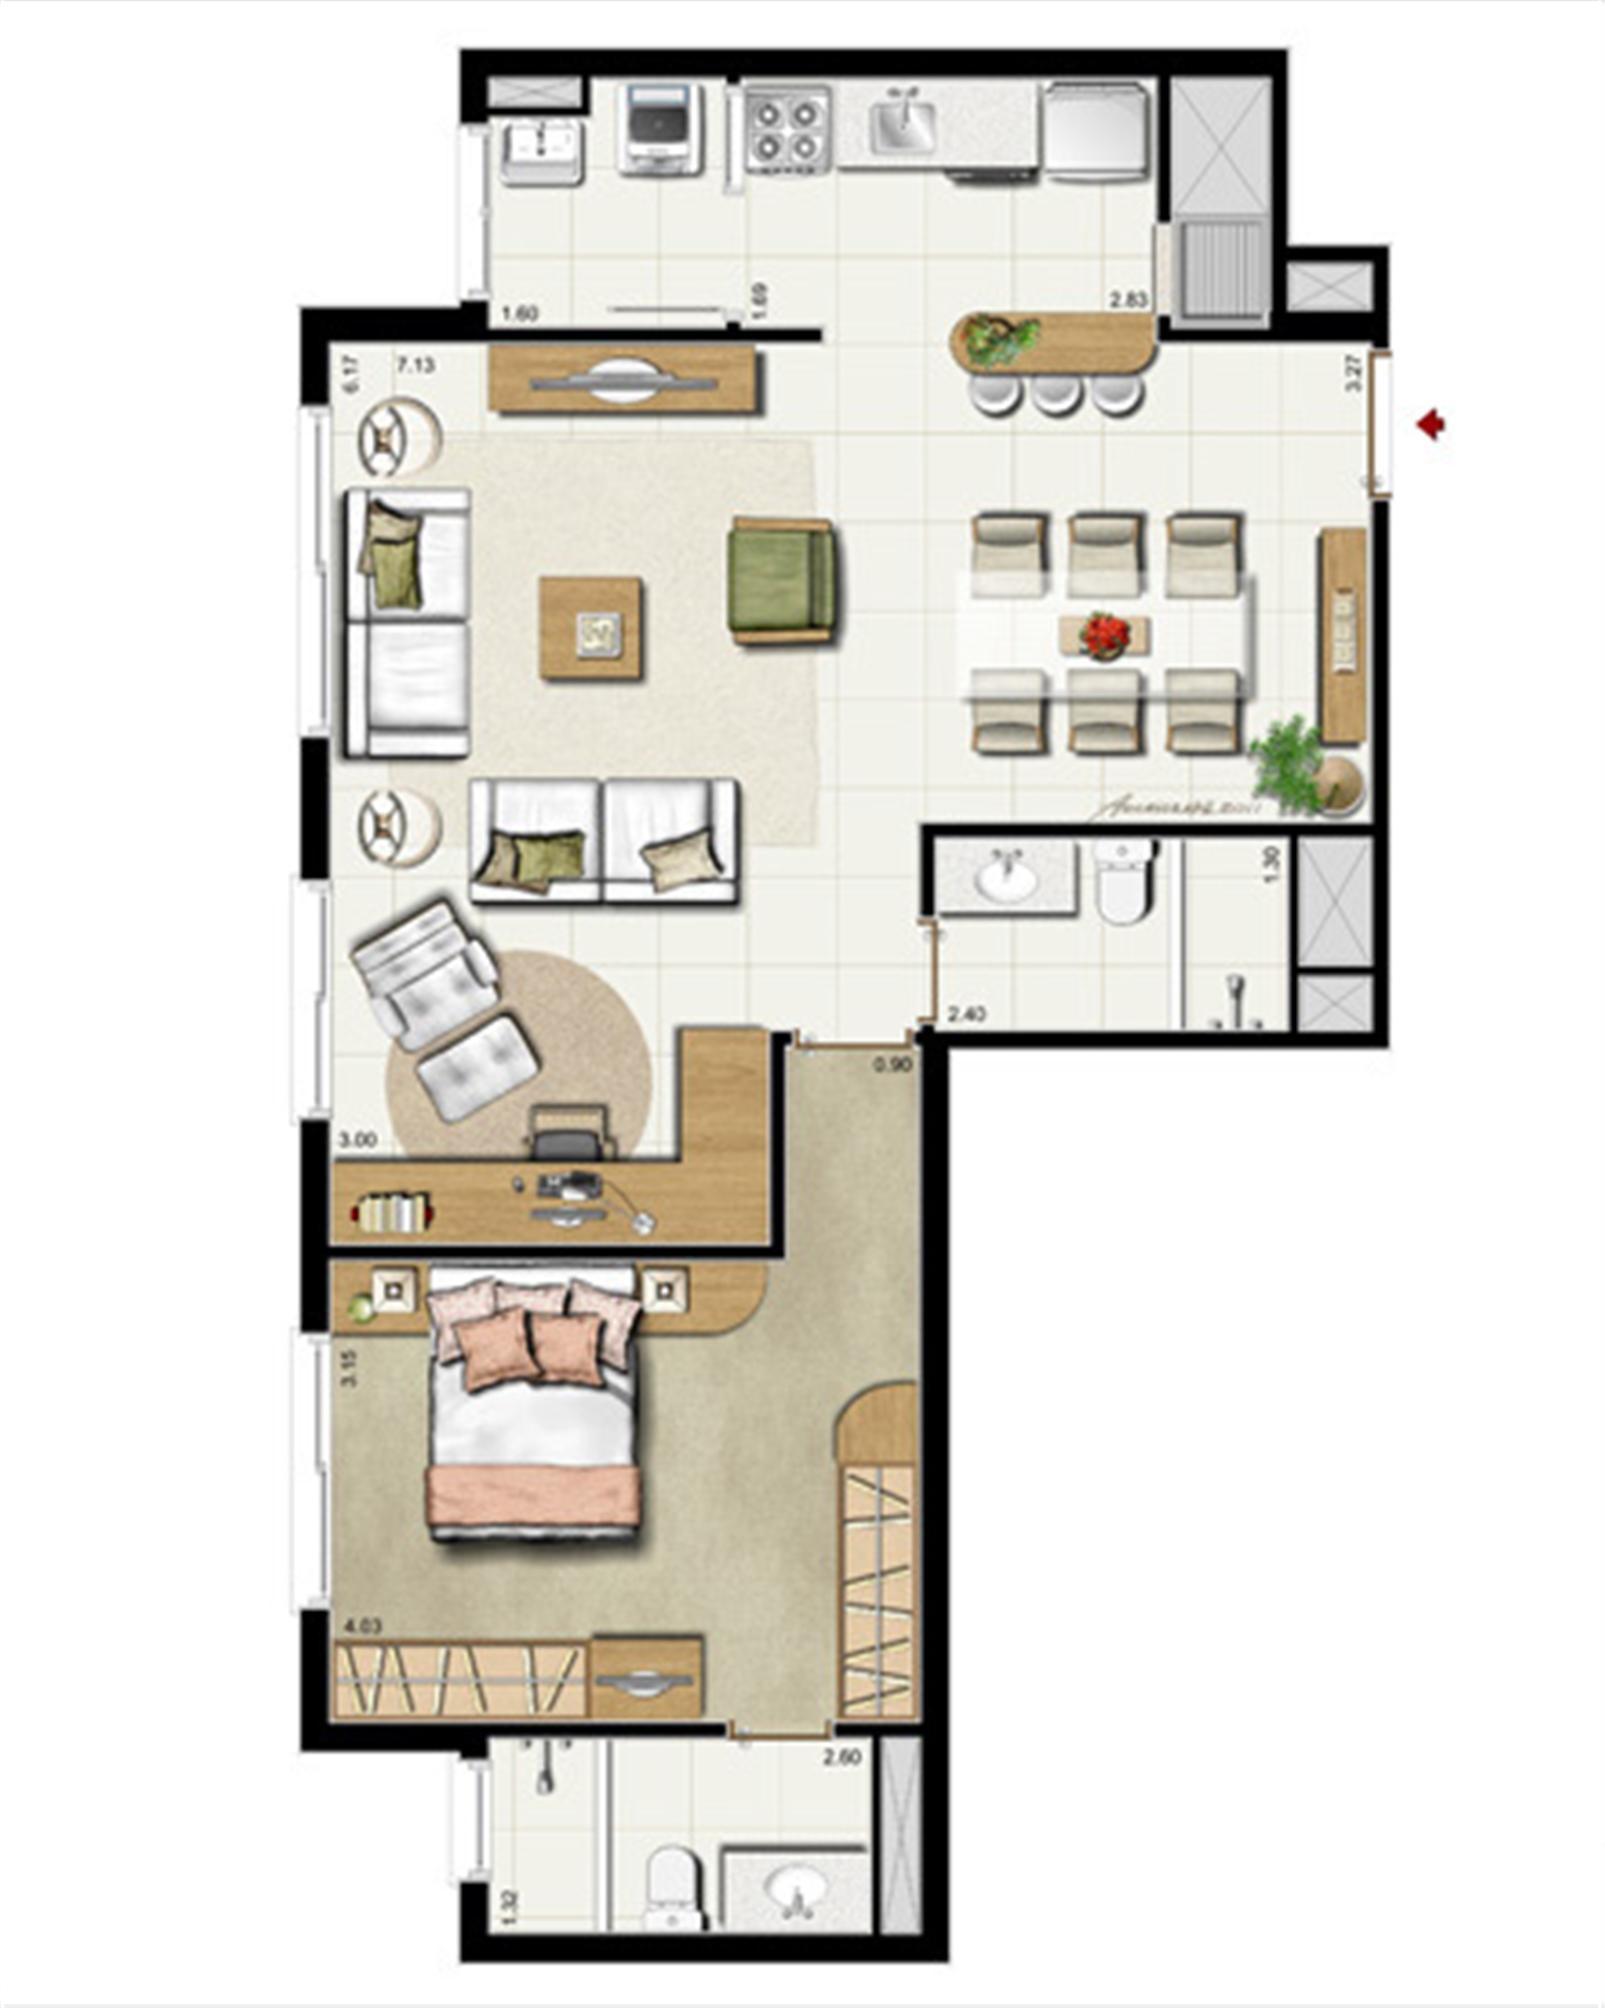 1 suíte - Opção living estendido 75 m² privativos - 118 m² de área total | Riserva Anita – Apartamentona  Boa Vista - Porto Alegre - Rio Grande do Sul